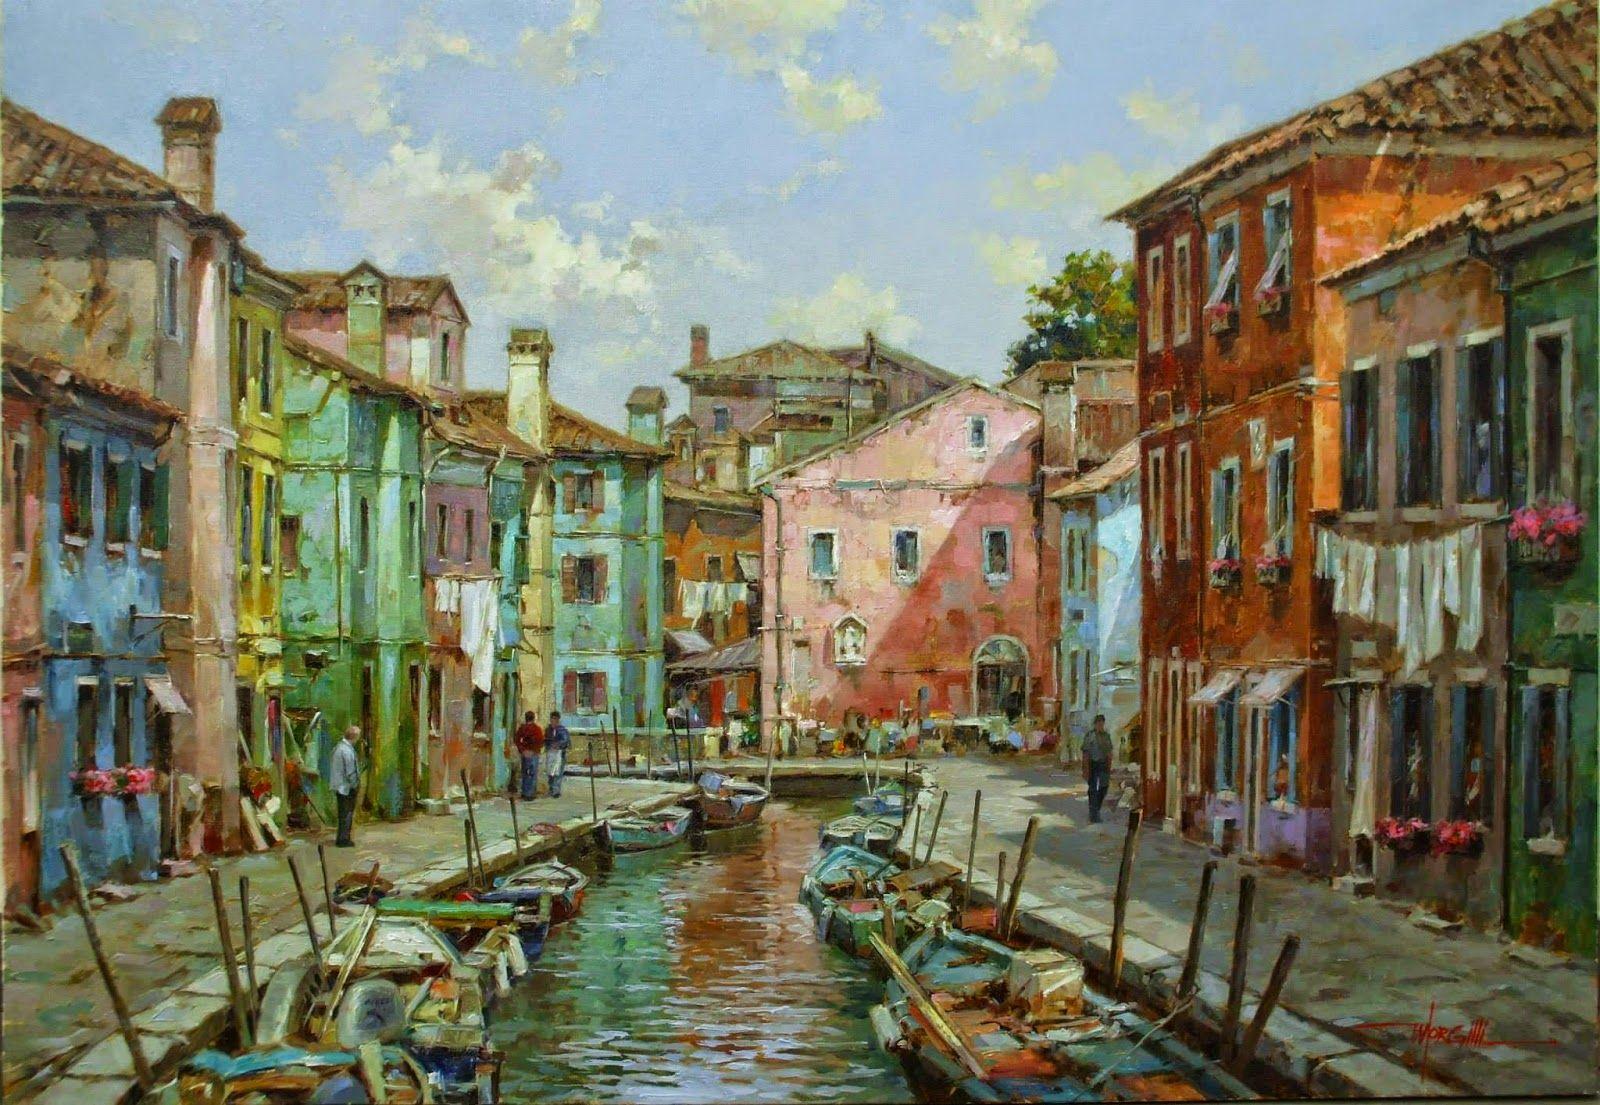 Luis Claudio Morgilli, 1955 | Impressionist painter | Tutt'Art@ | Pittura * Scultura * Poesia * Musica |